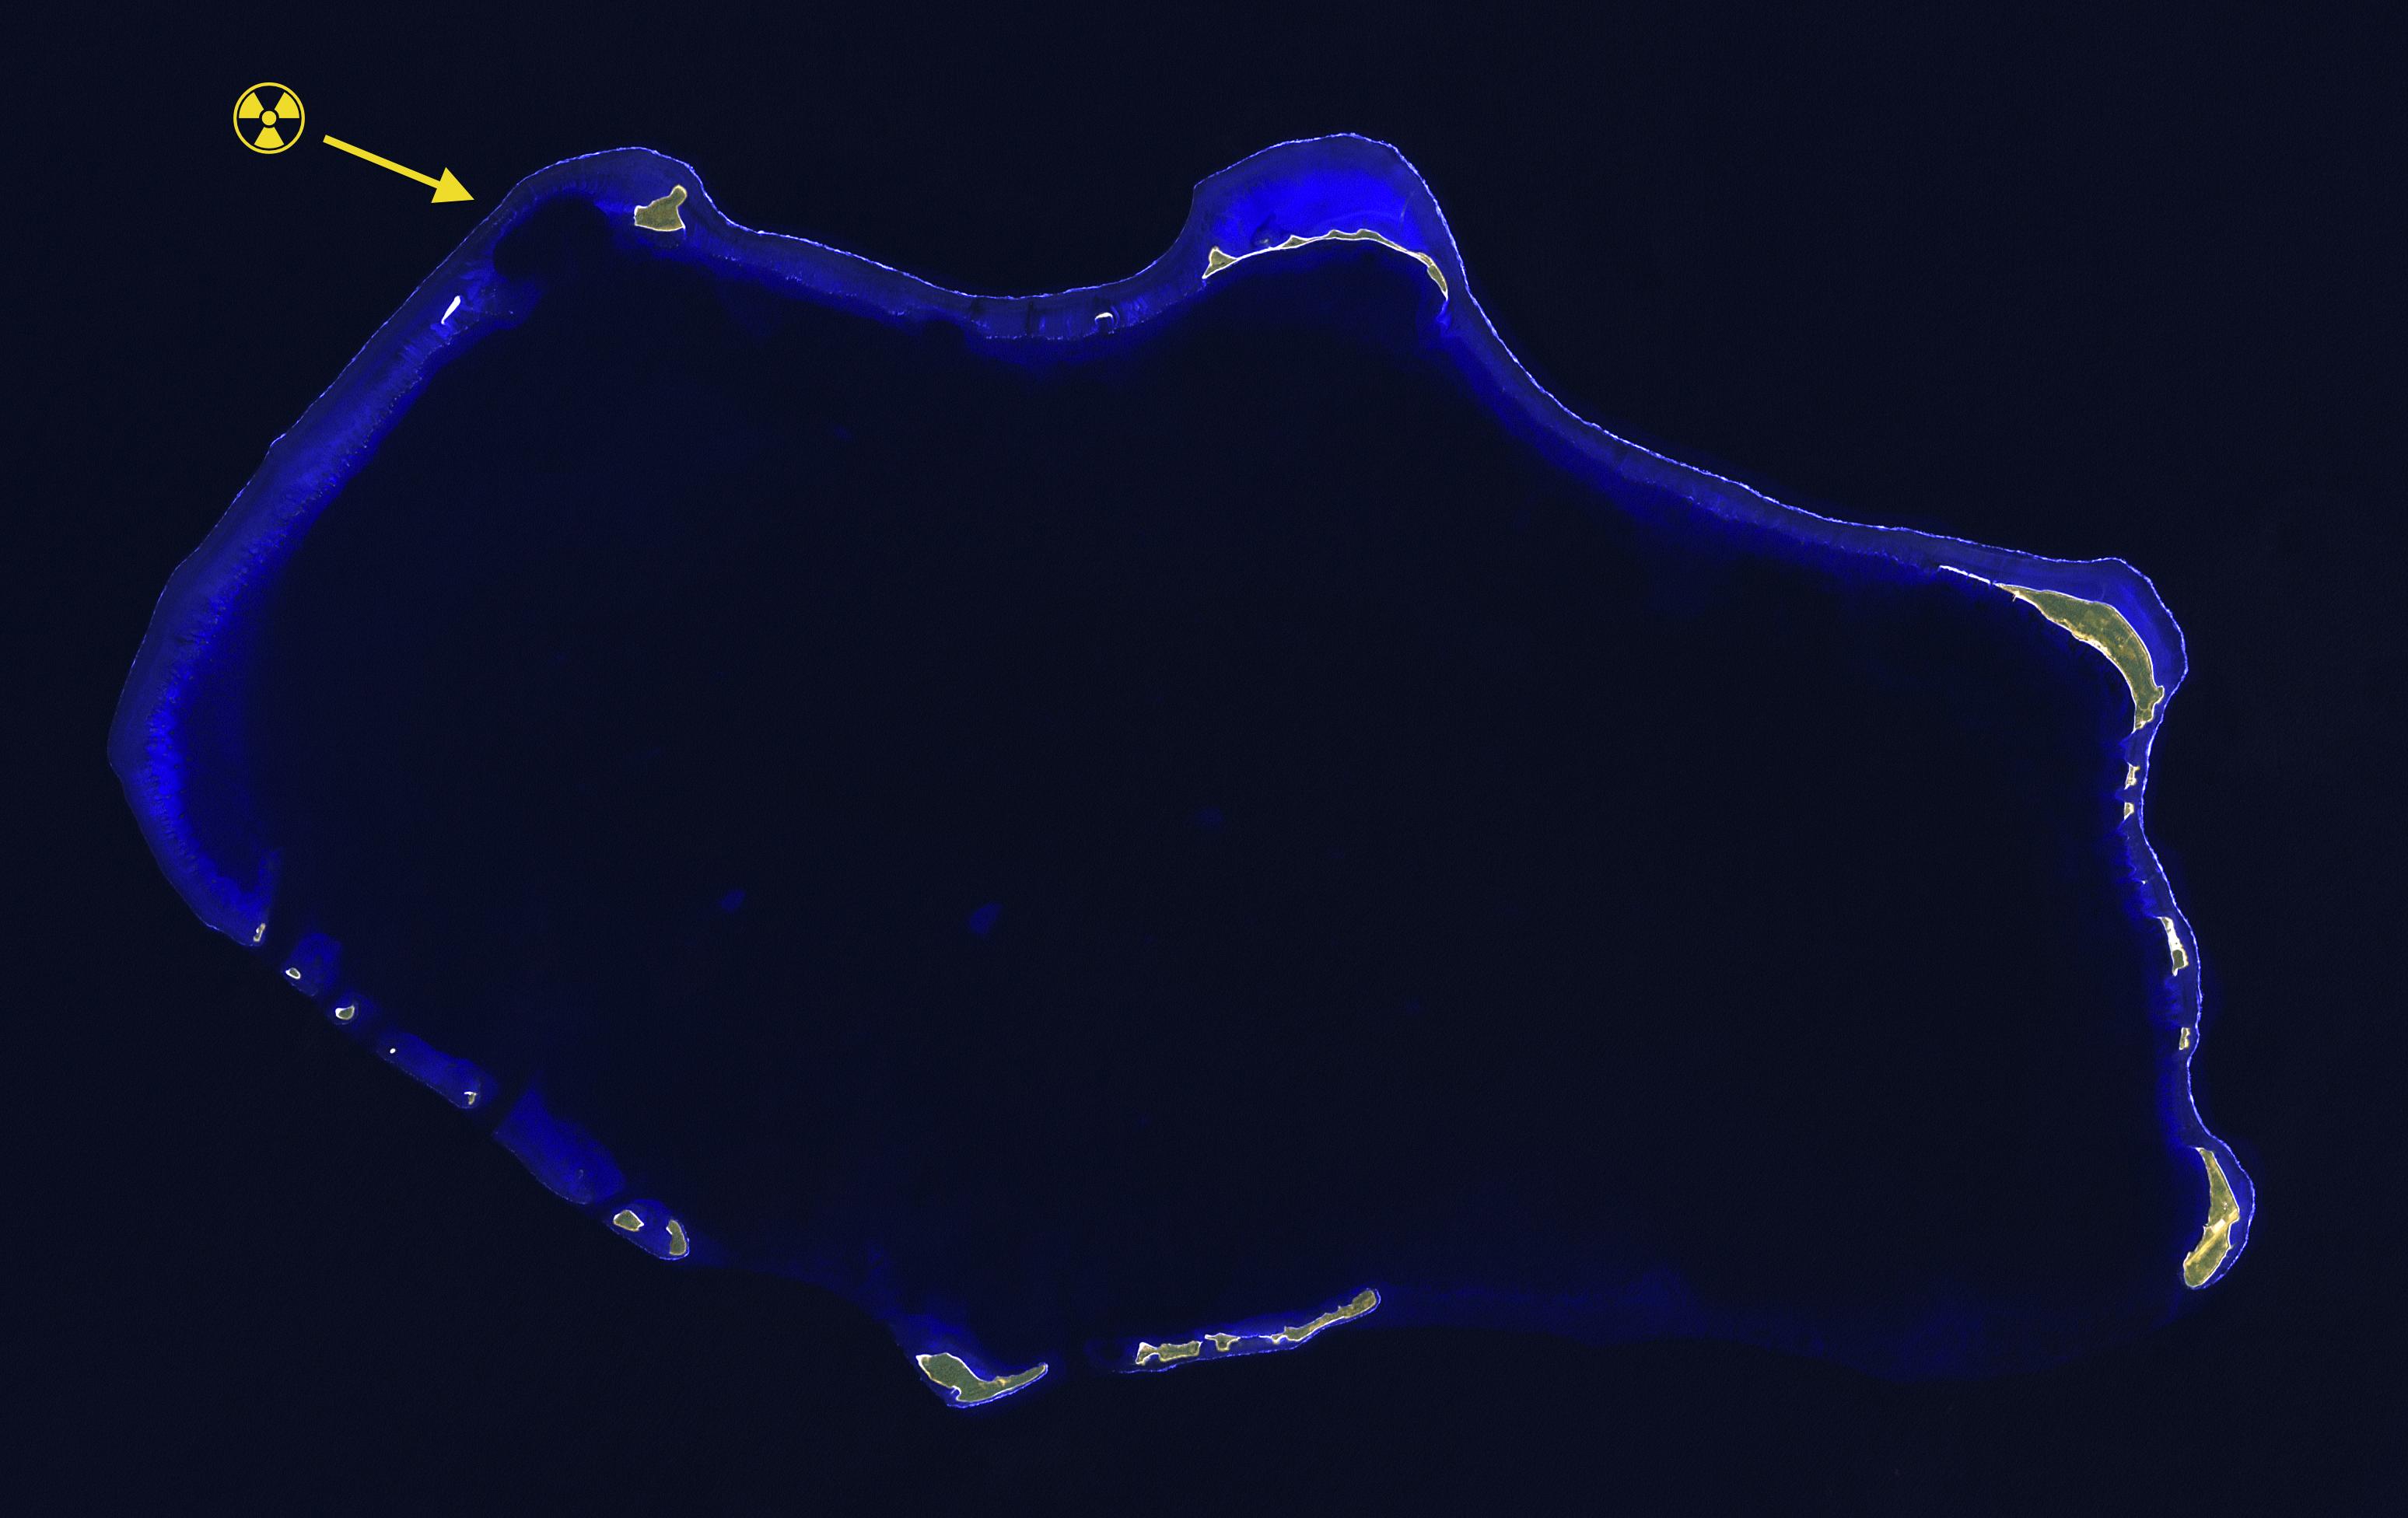 File:Bikini Atoll 2001-01-14, Landsat 7 ETM+ bands 7-5-1-8